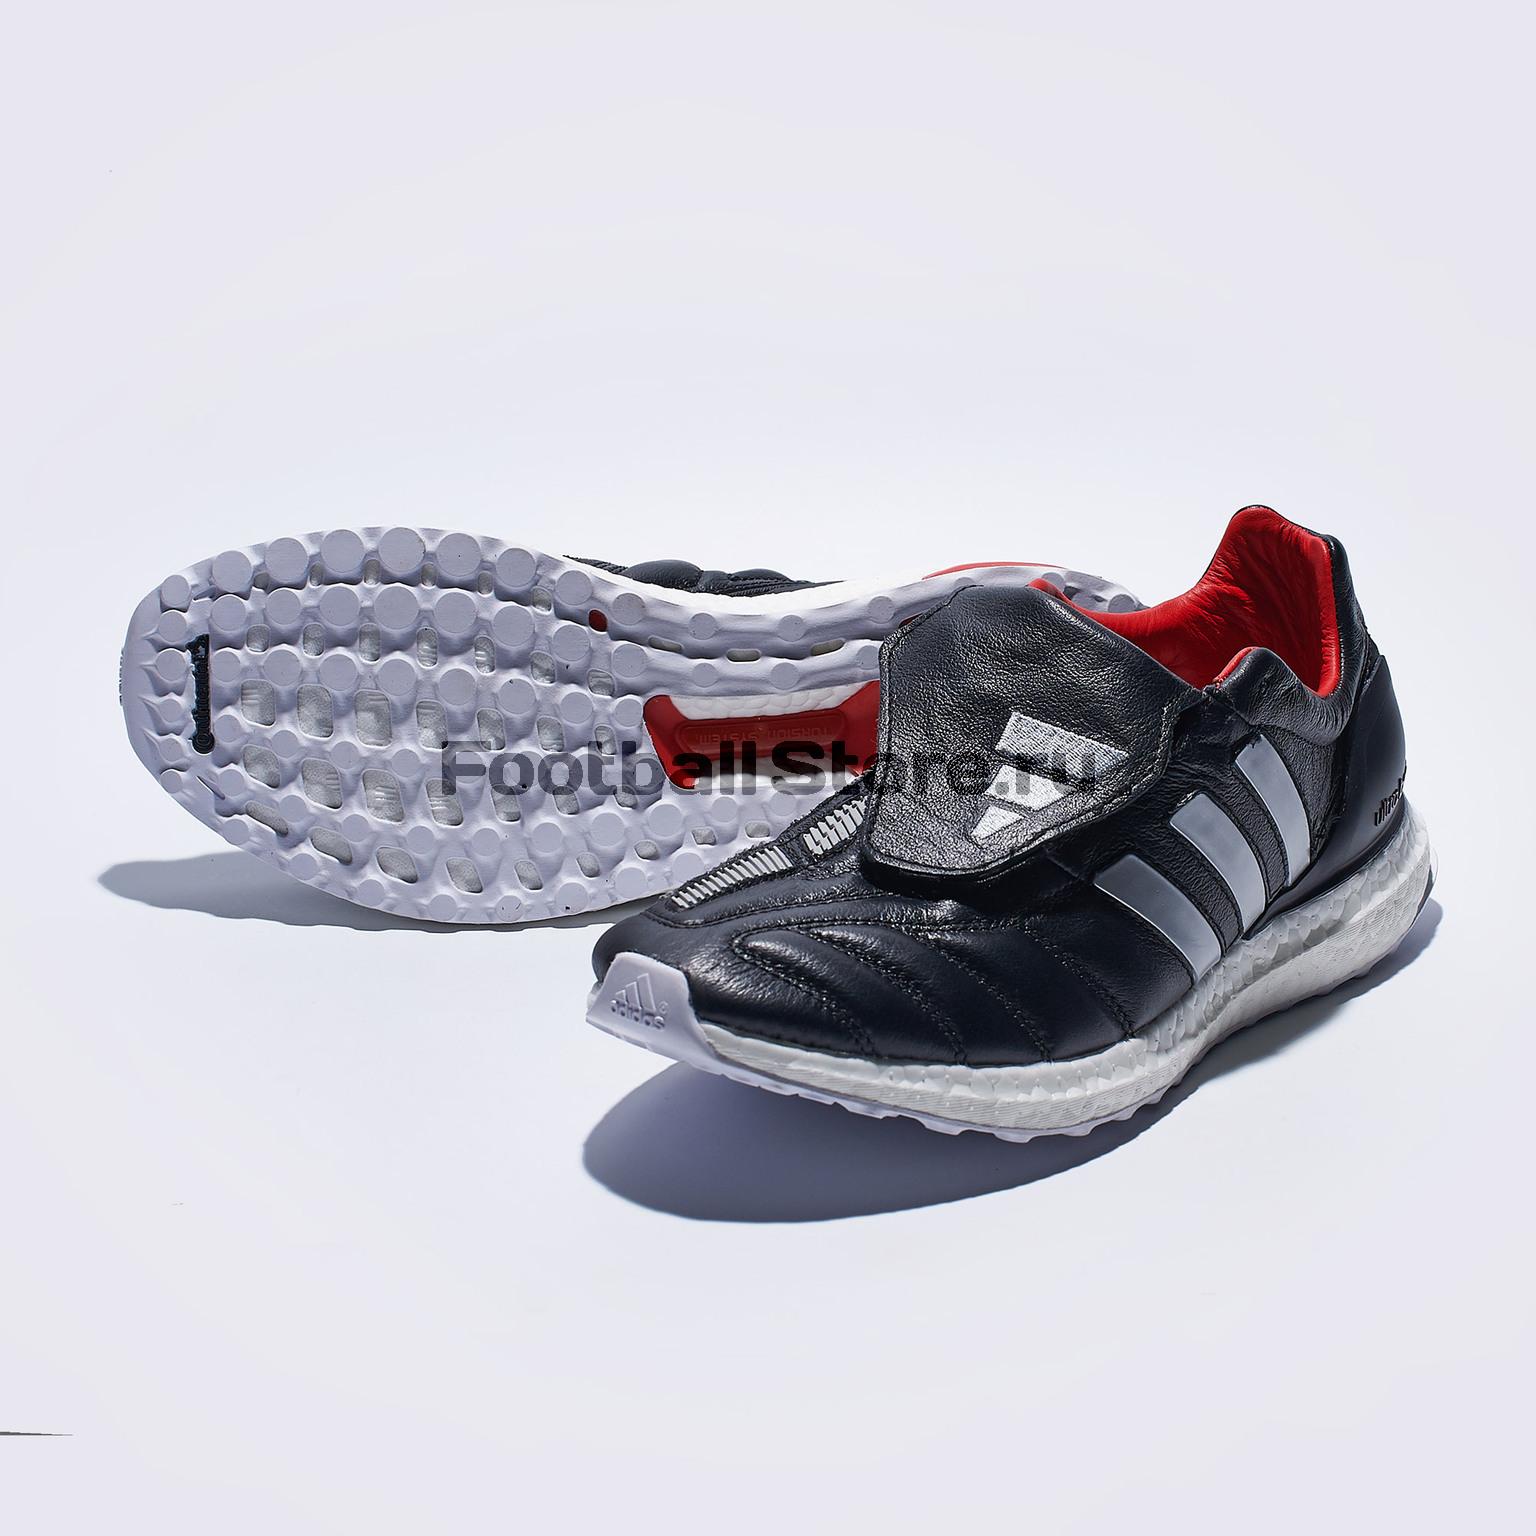 Футбольная обувь Adidas Predator Mania TR EF4015